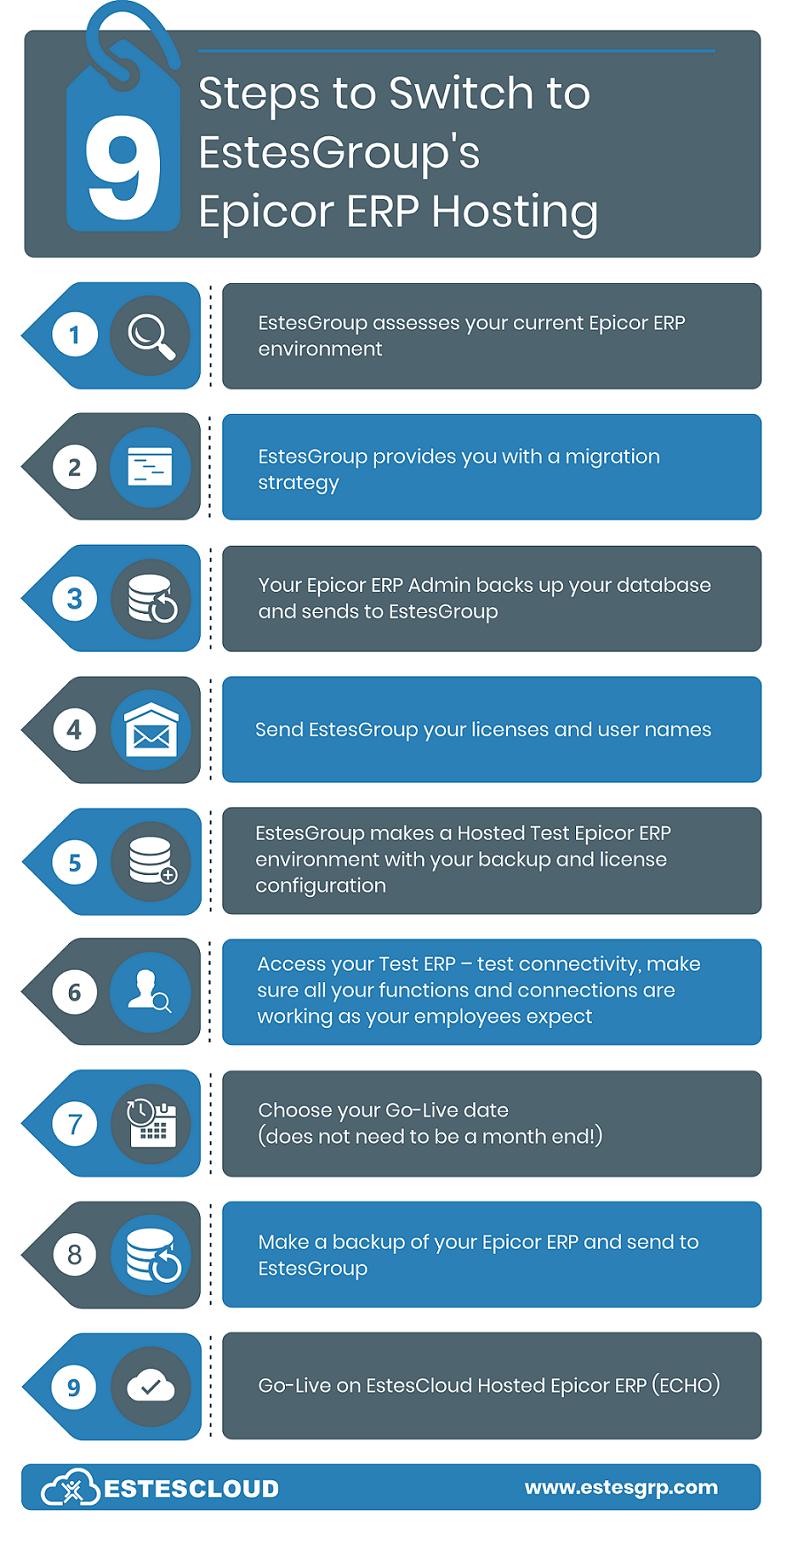 Epicor Hosting - Epicor ERP Hosting - 9 Steps to EstesGroup